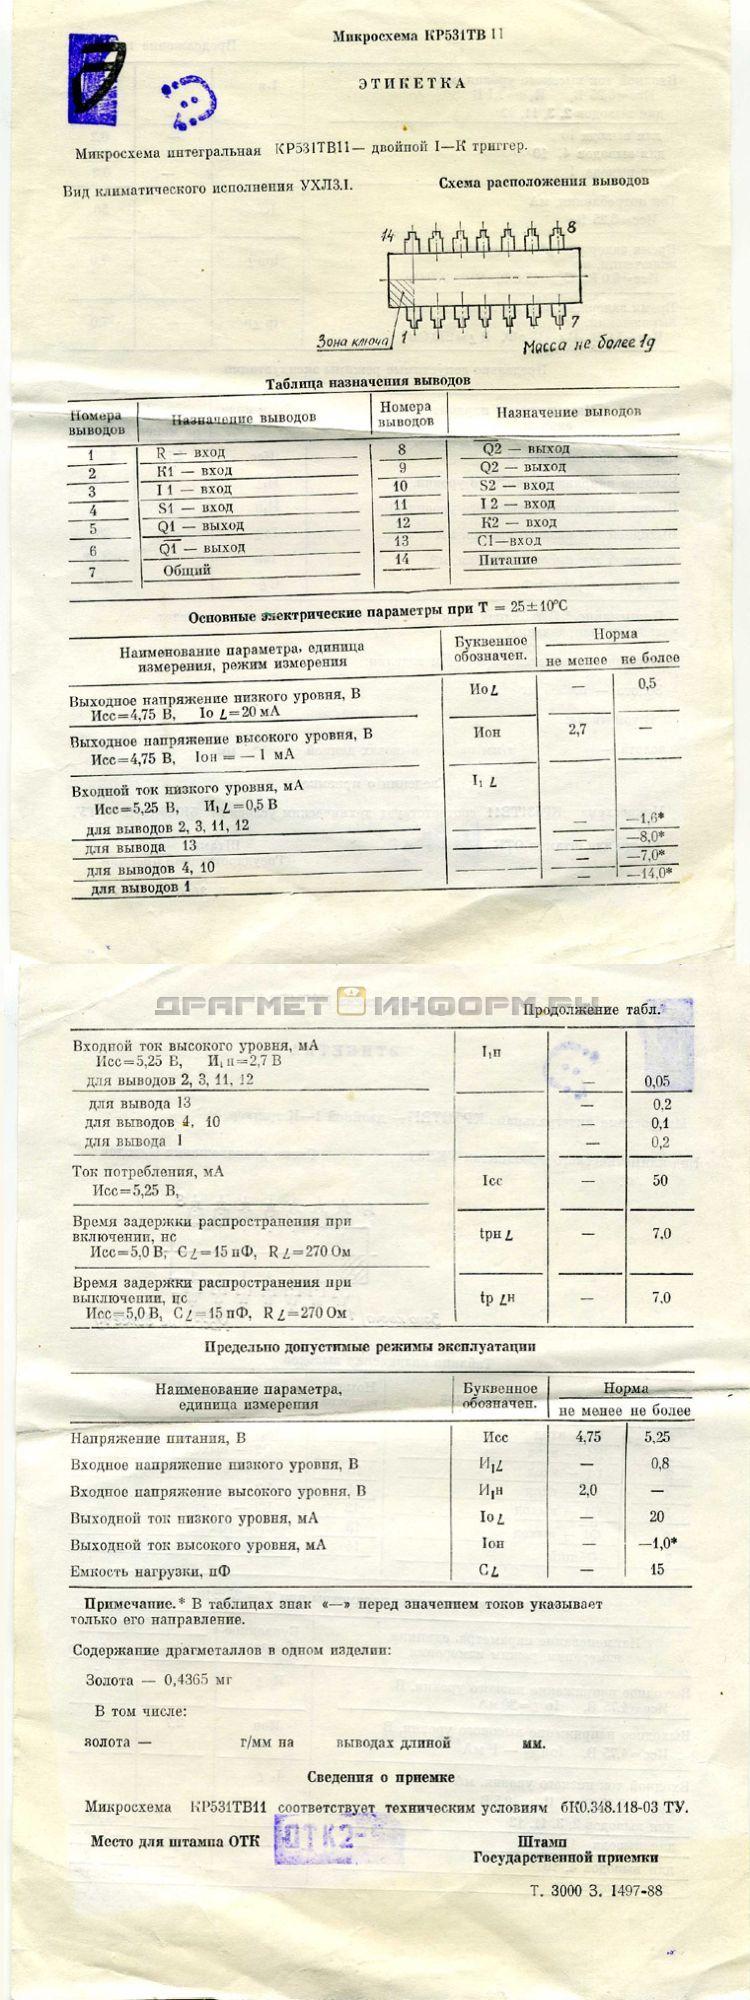 Формуляр КР531ТВ11